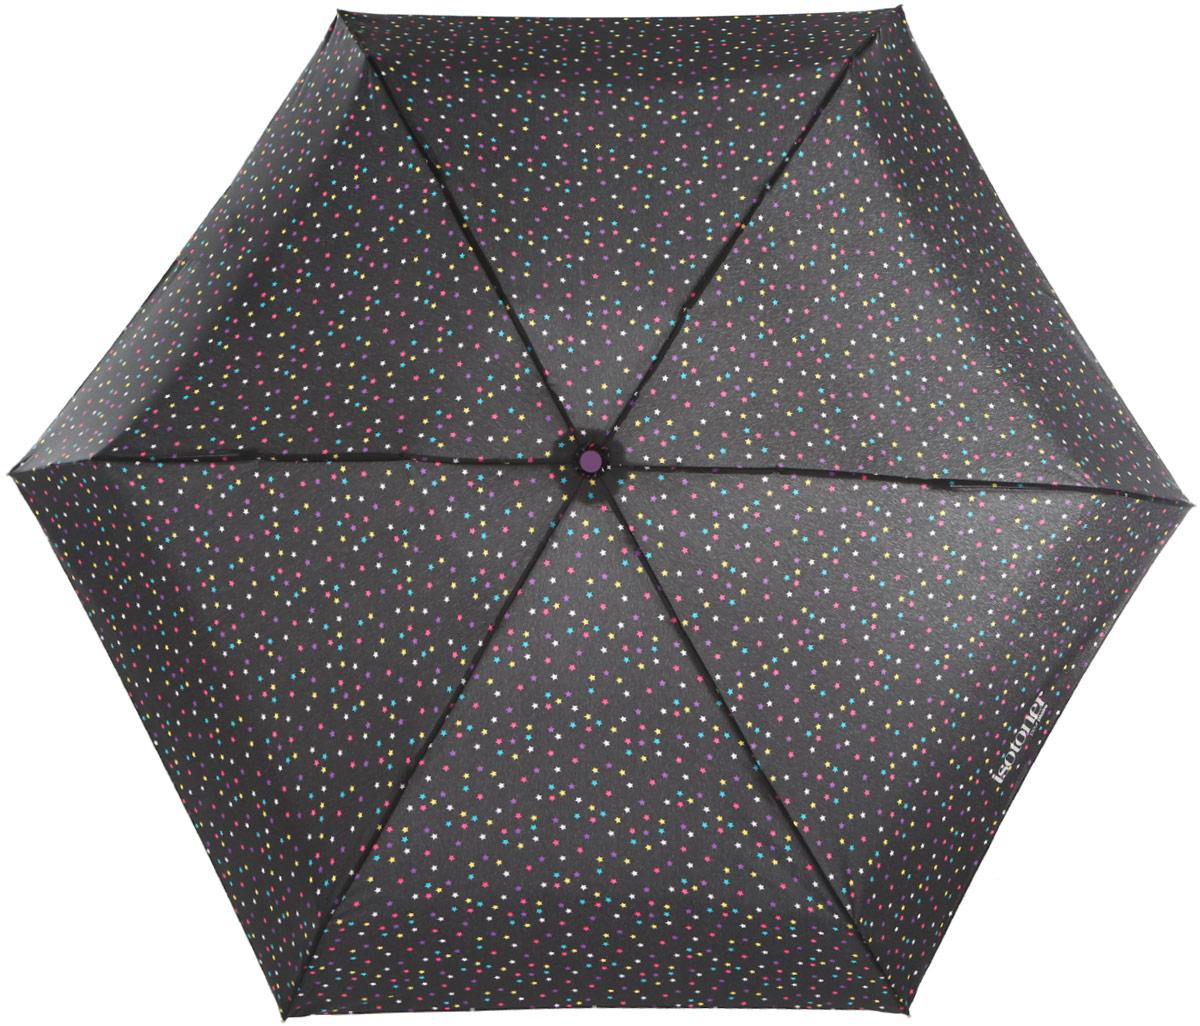 Зонт женский Isotoner Созвездие, механический, 5 сложений, цвет: черный, мультицвет. 09137-485009137-4850_горохКомпактный механический зонт Isotoner Созвездие с технологией Slim оформлен стильным орнаментом. Зонт оснащен надежным металлическим каркасом с шестью стальными спицами и куполом из прочного полиэстера. Эргономичная рукоятка из пластика дополнена эластичной петлей. К зонту прилагается чехол. Такой зонт легко поместится в женскую сумочку и даже в ненастную погоду позволит вам оставаться стильной и элегантной.